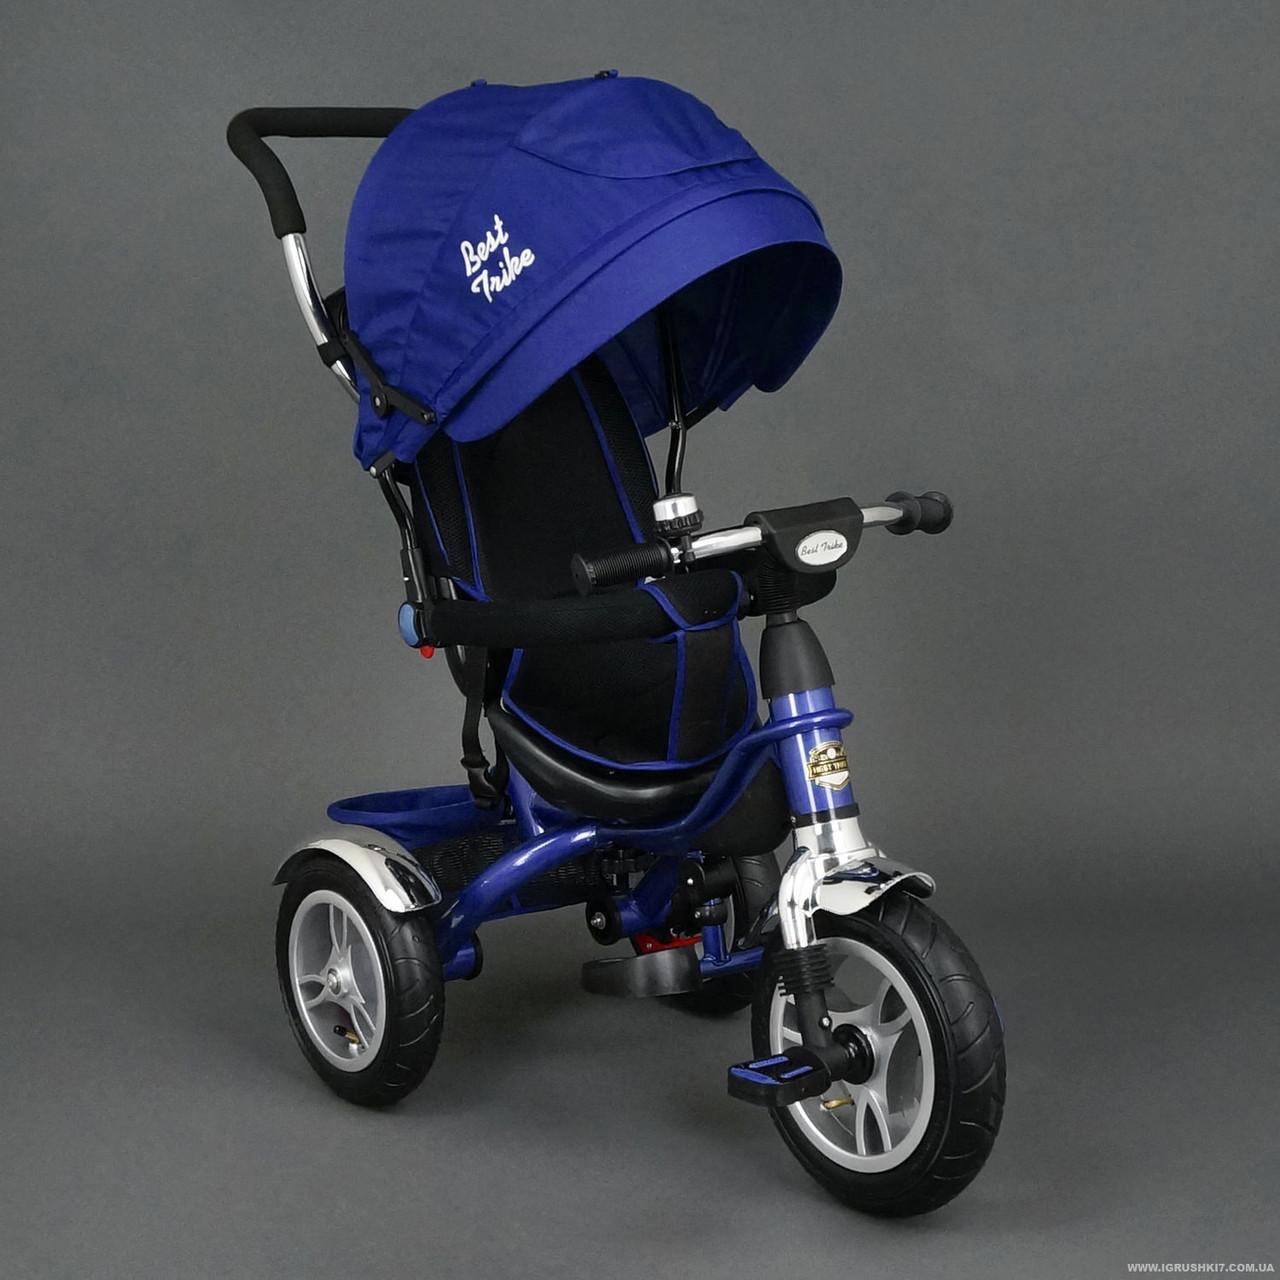 Детский трехколесный велосипед надувные колеса, синий